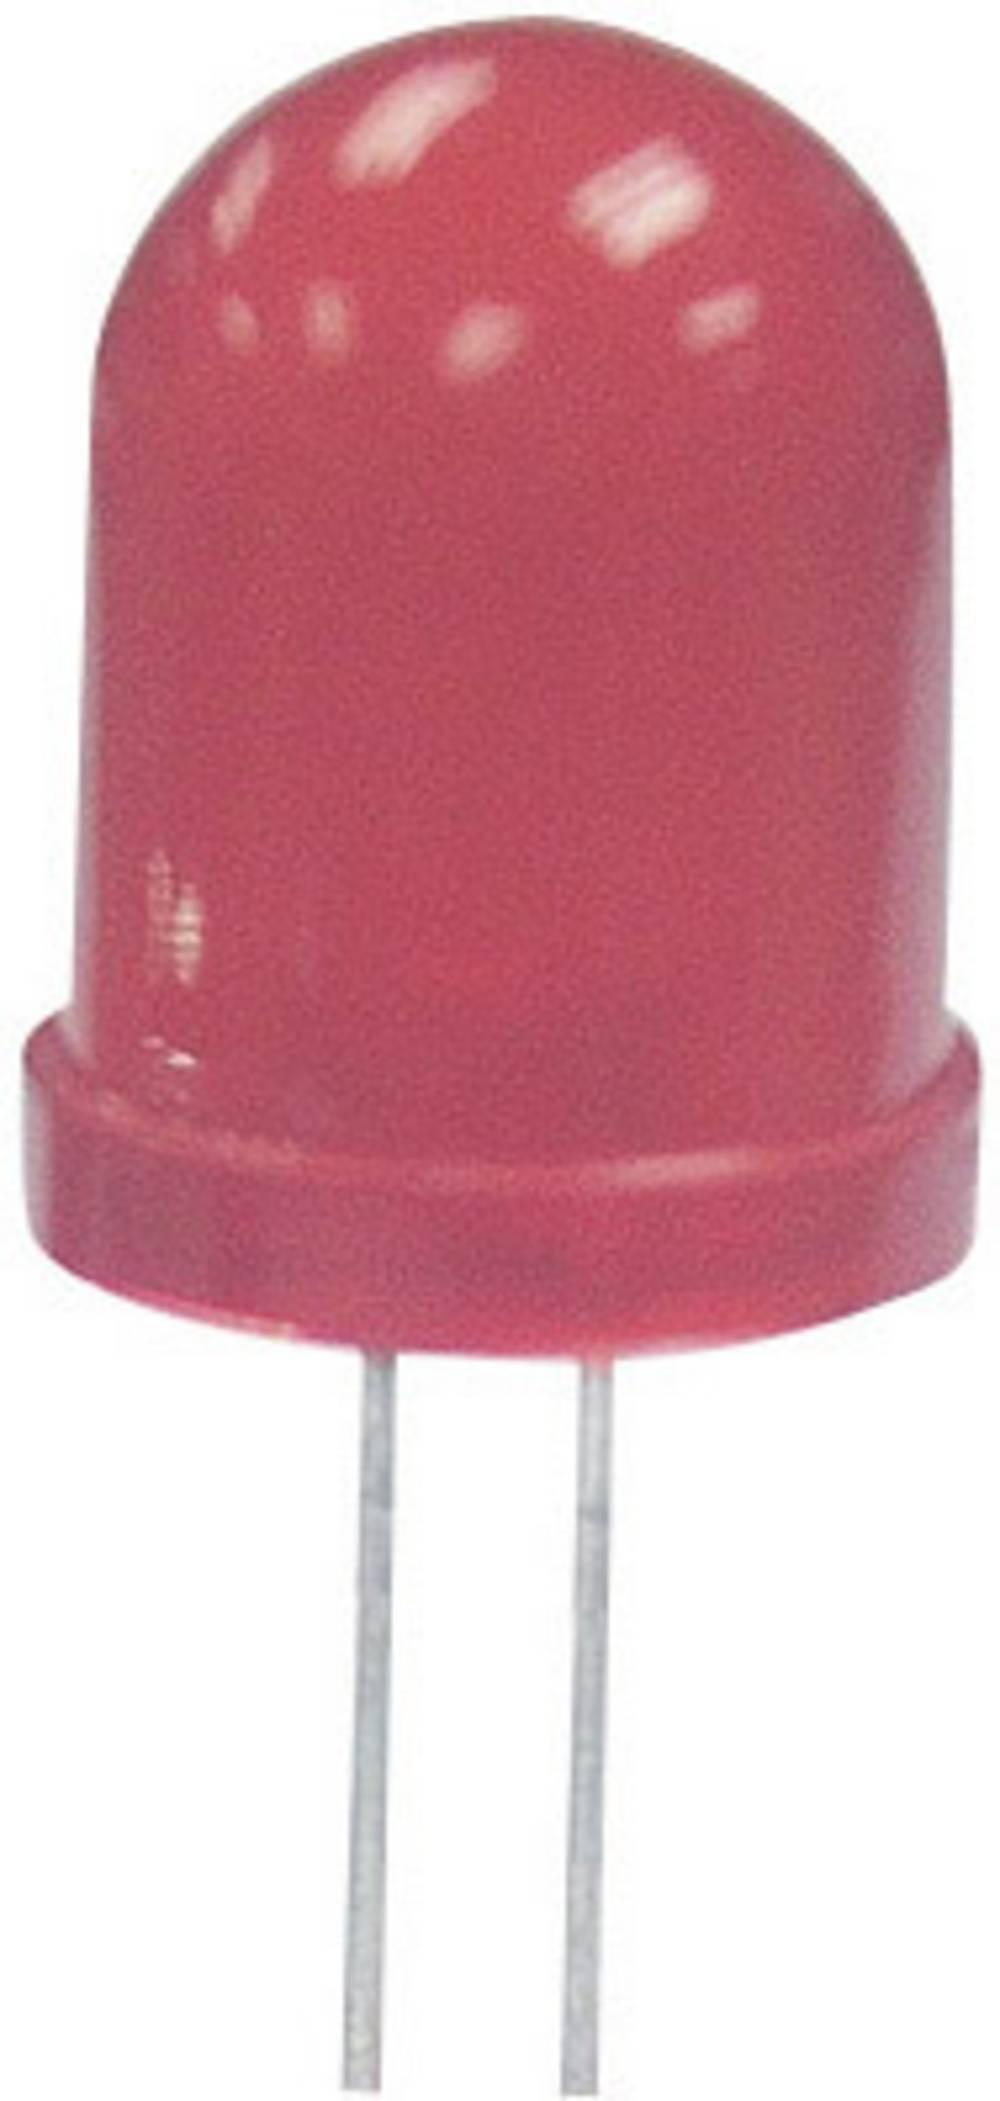 Ožičena LED dioda, zelena, okrogla 8 mm 300 mcd 40 ° 20 mA 2.2 V Kingbright L-793SGC